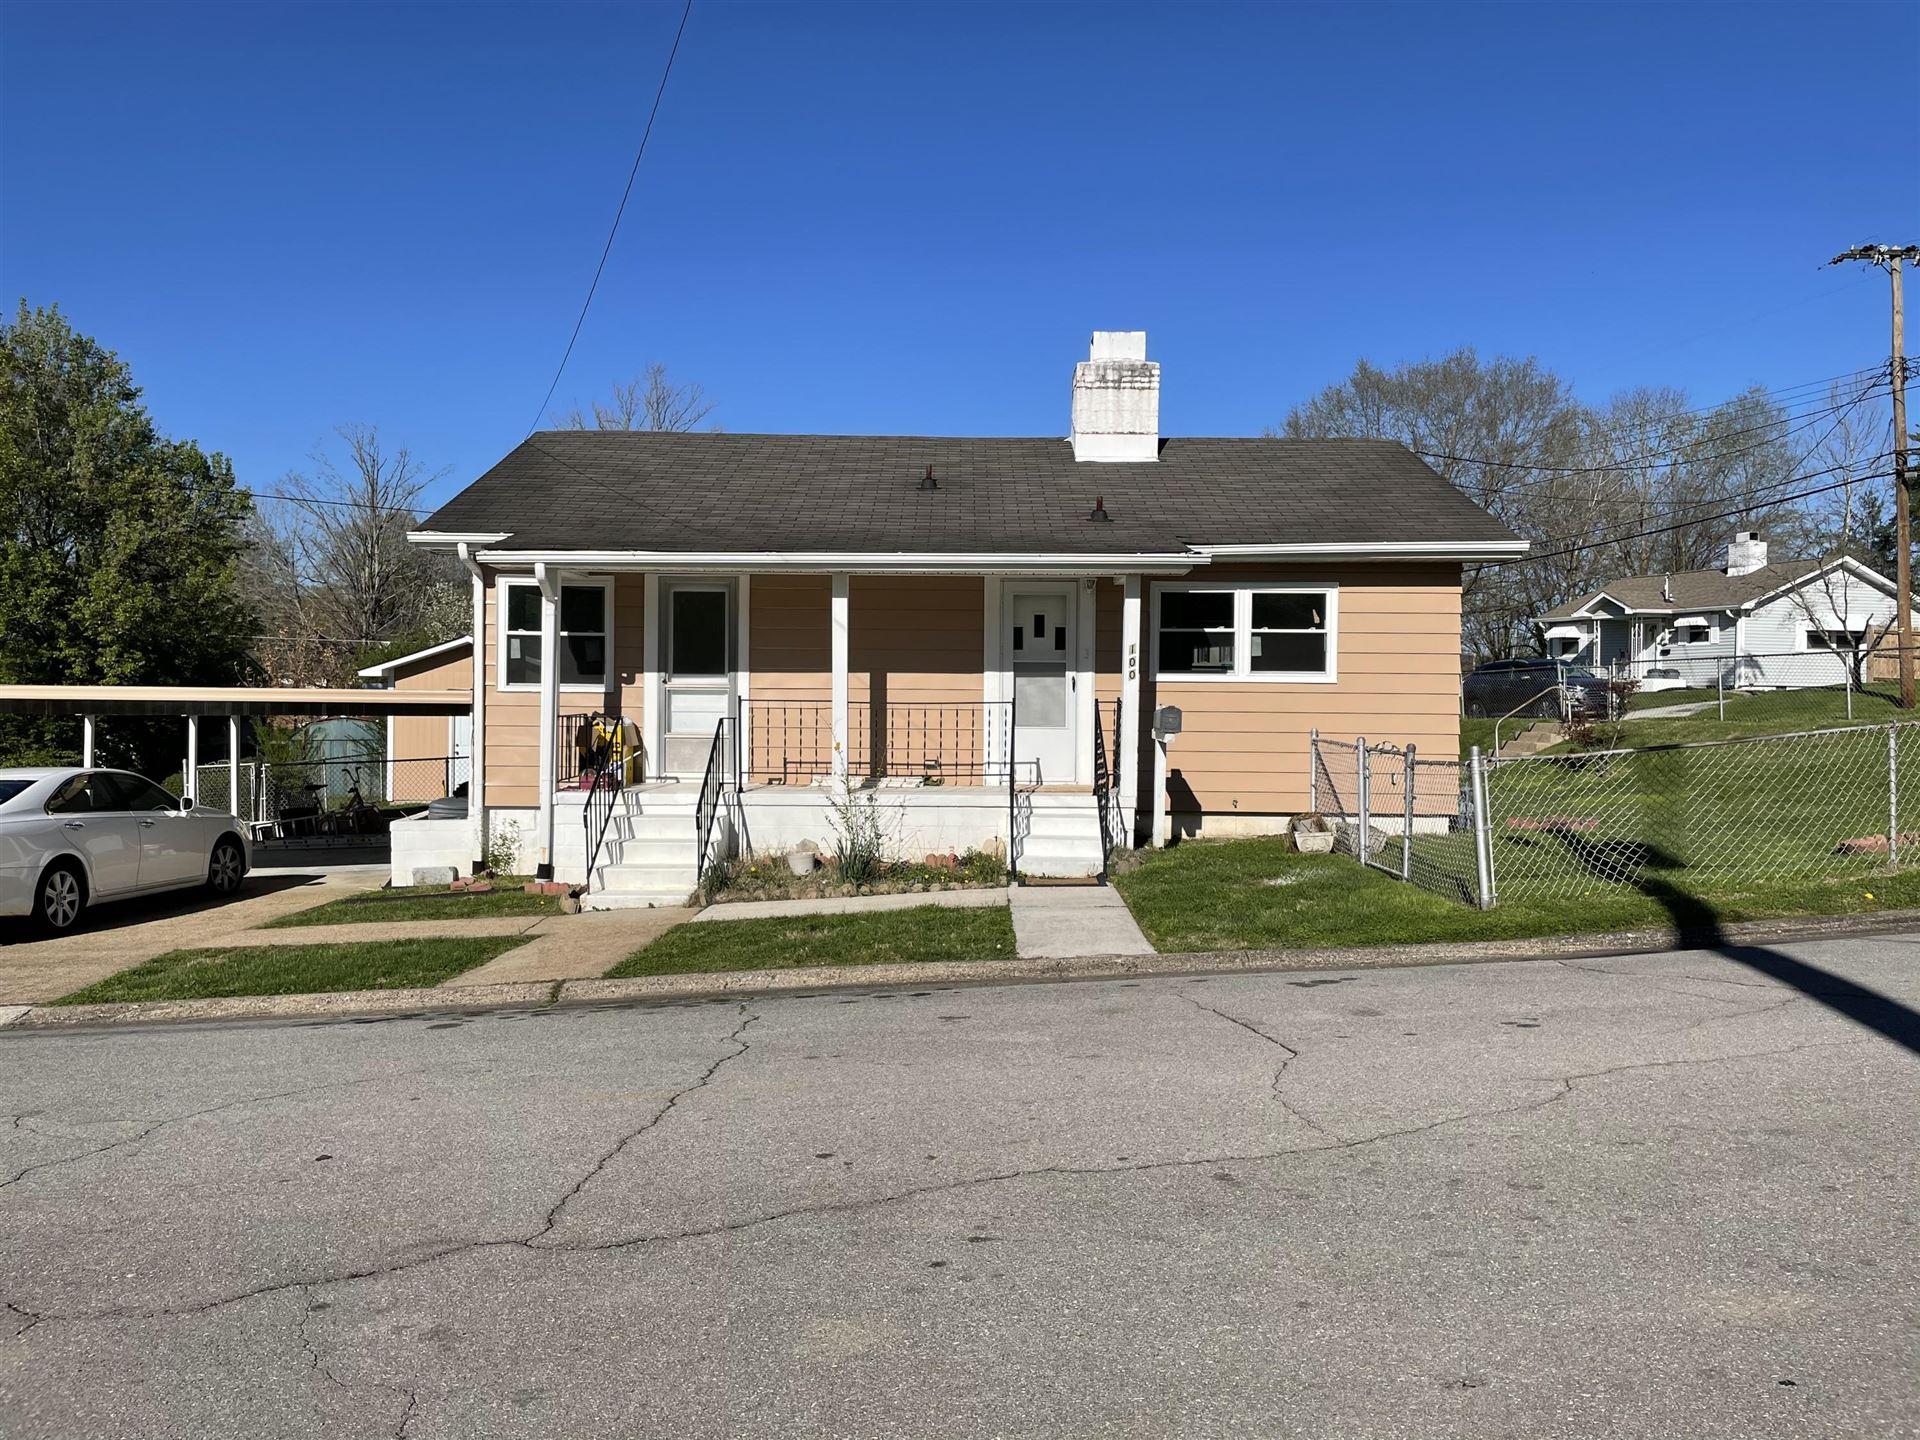 Photo of 100 Packer Rd, Oak Ridge, TN 37830 (MLS # 1147489)